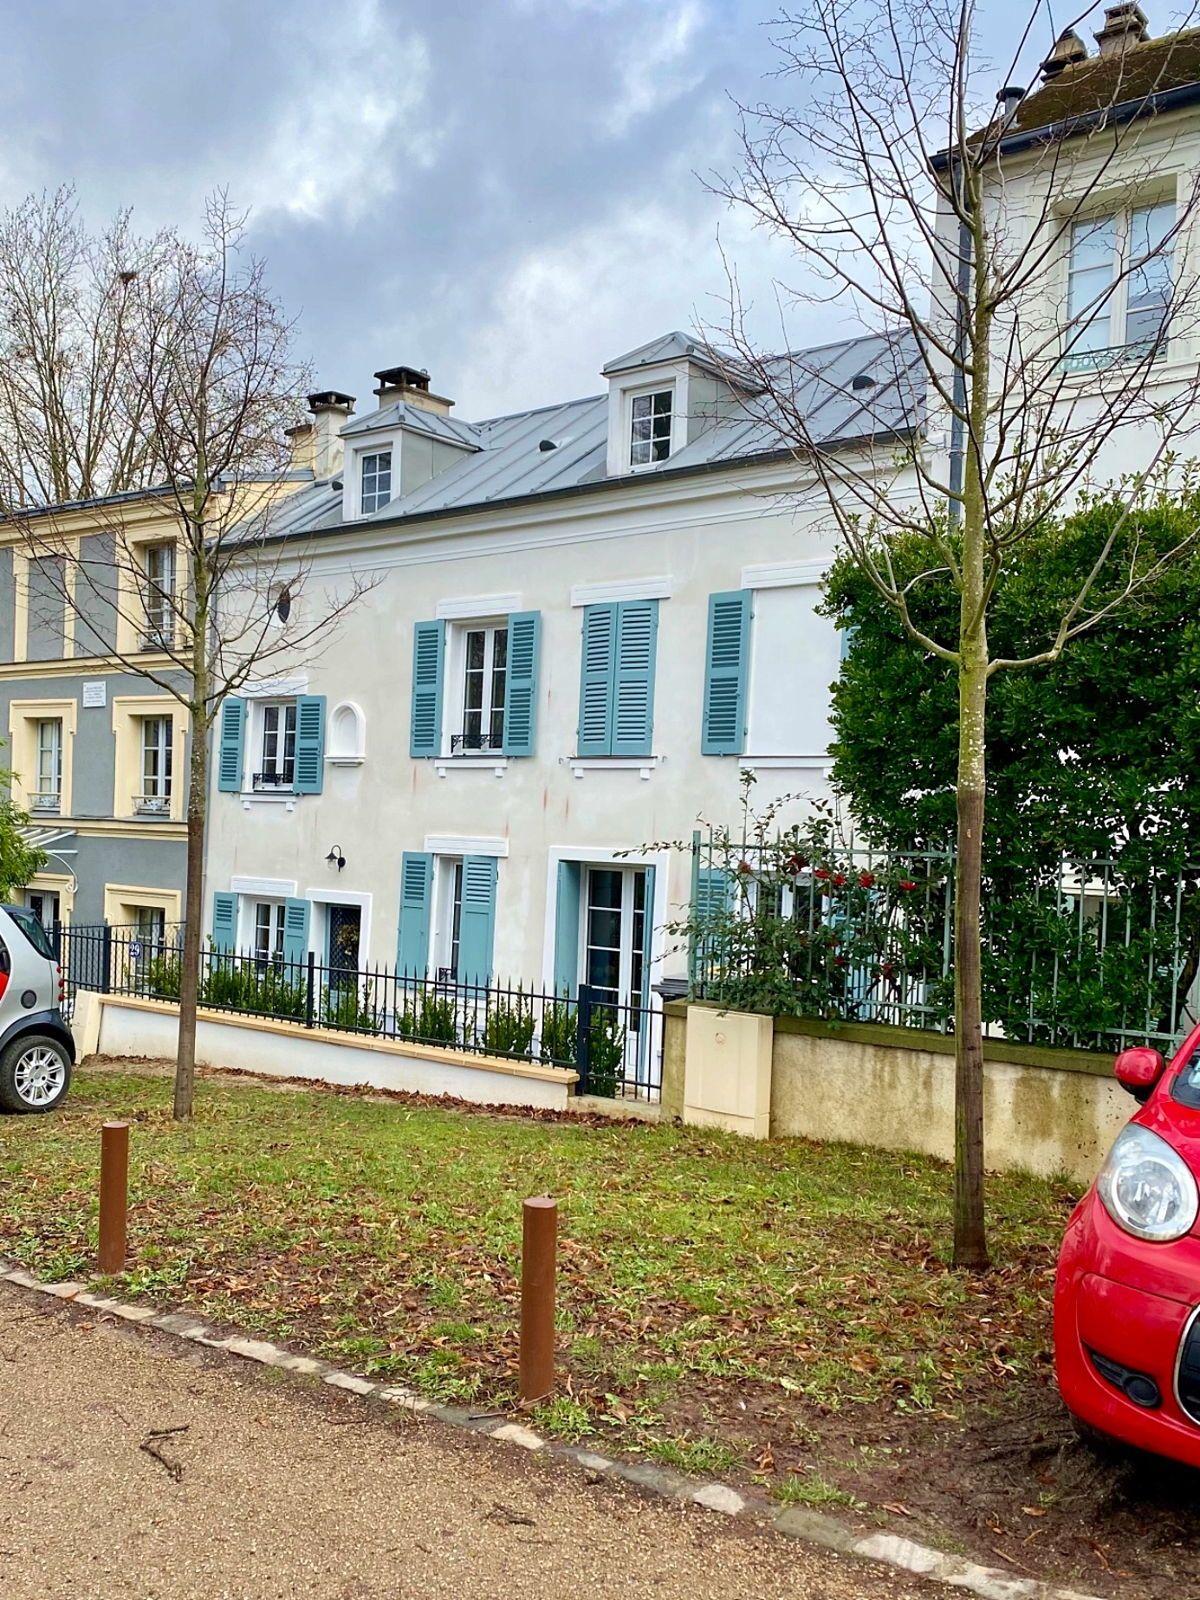 Loue Maison 180m² 6chambres avec un grand jardin à Meudon (92)